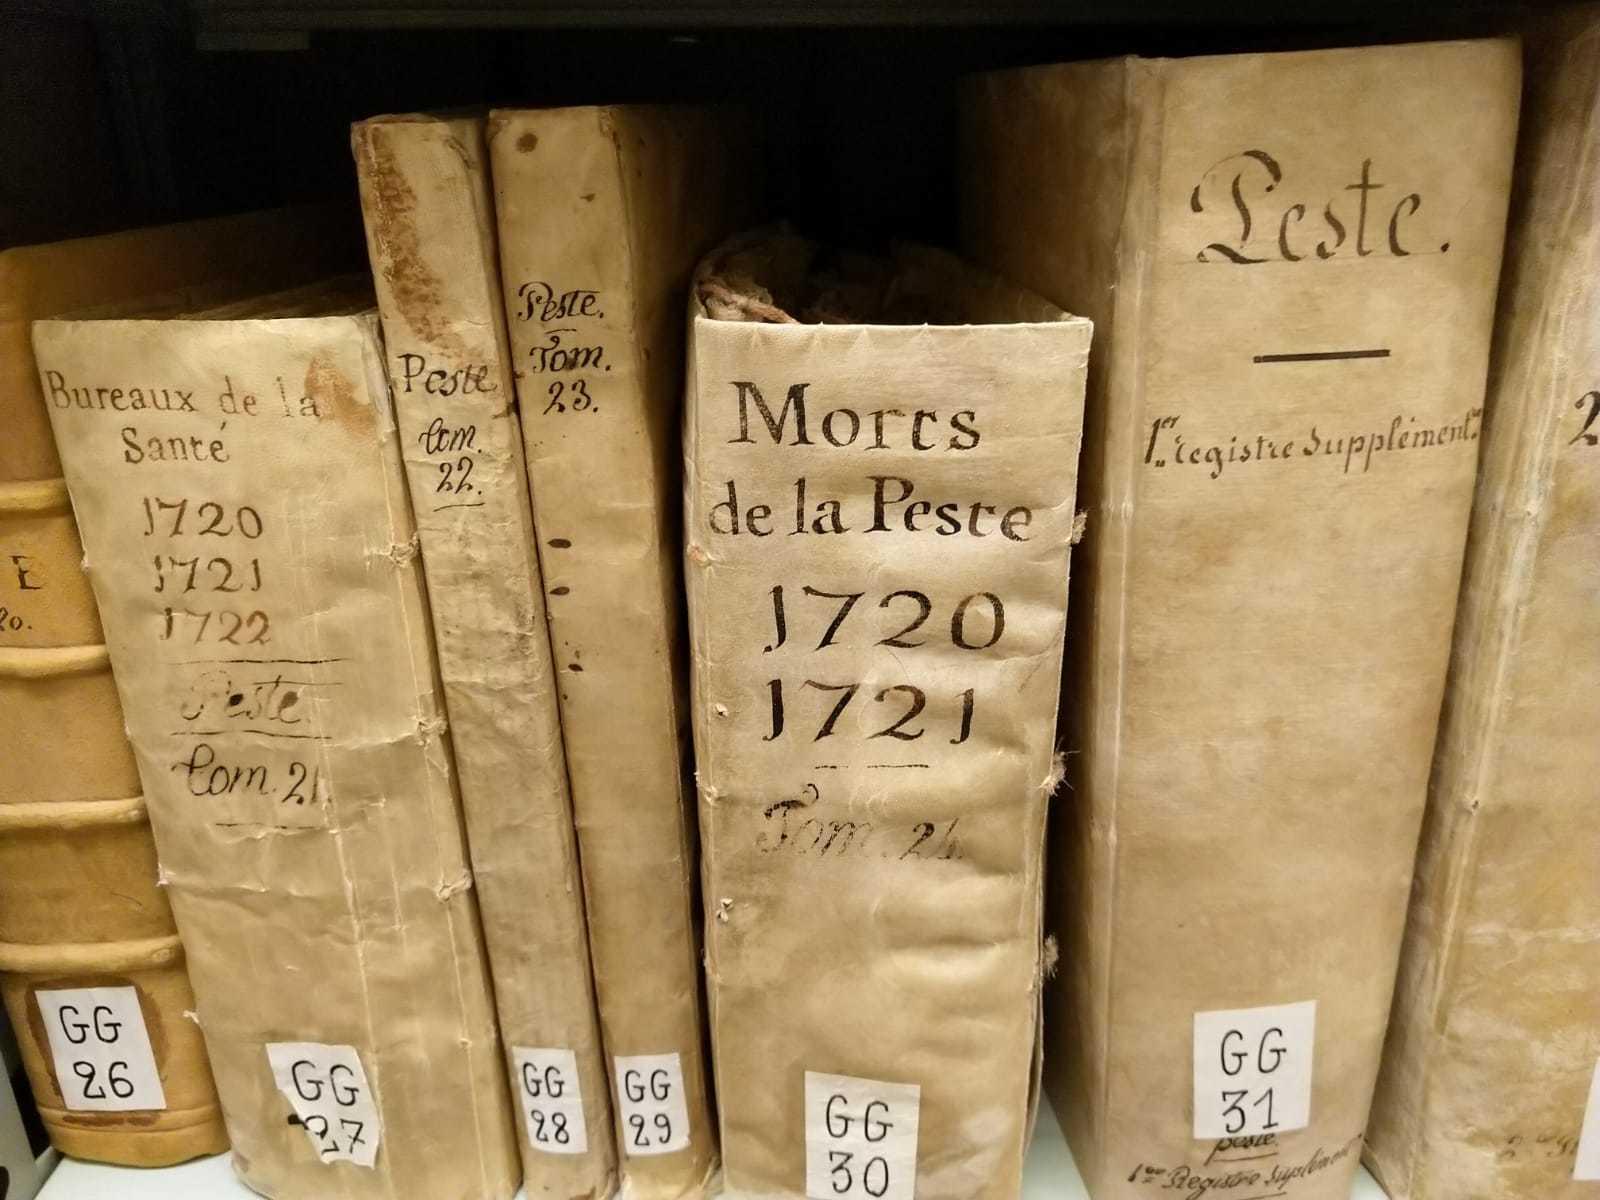 Balade historique à travers la ville et les archives pour découvrir Arles et la peste de 1720